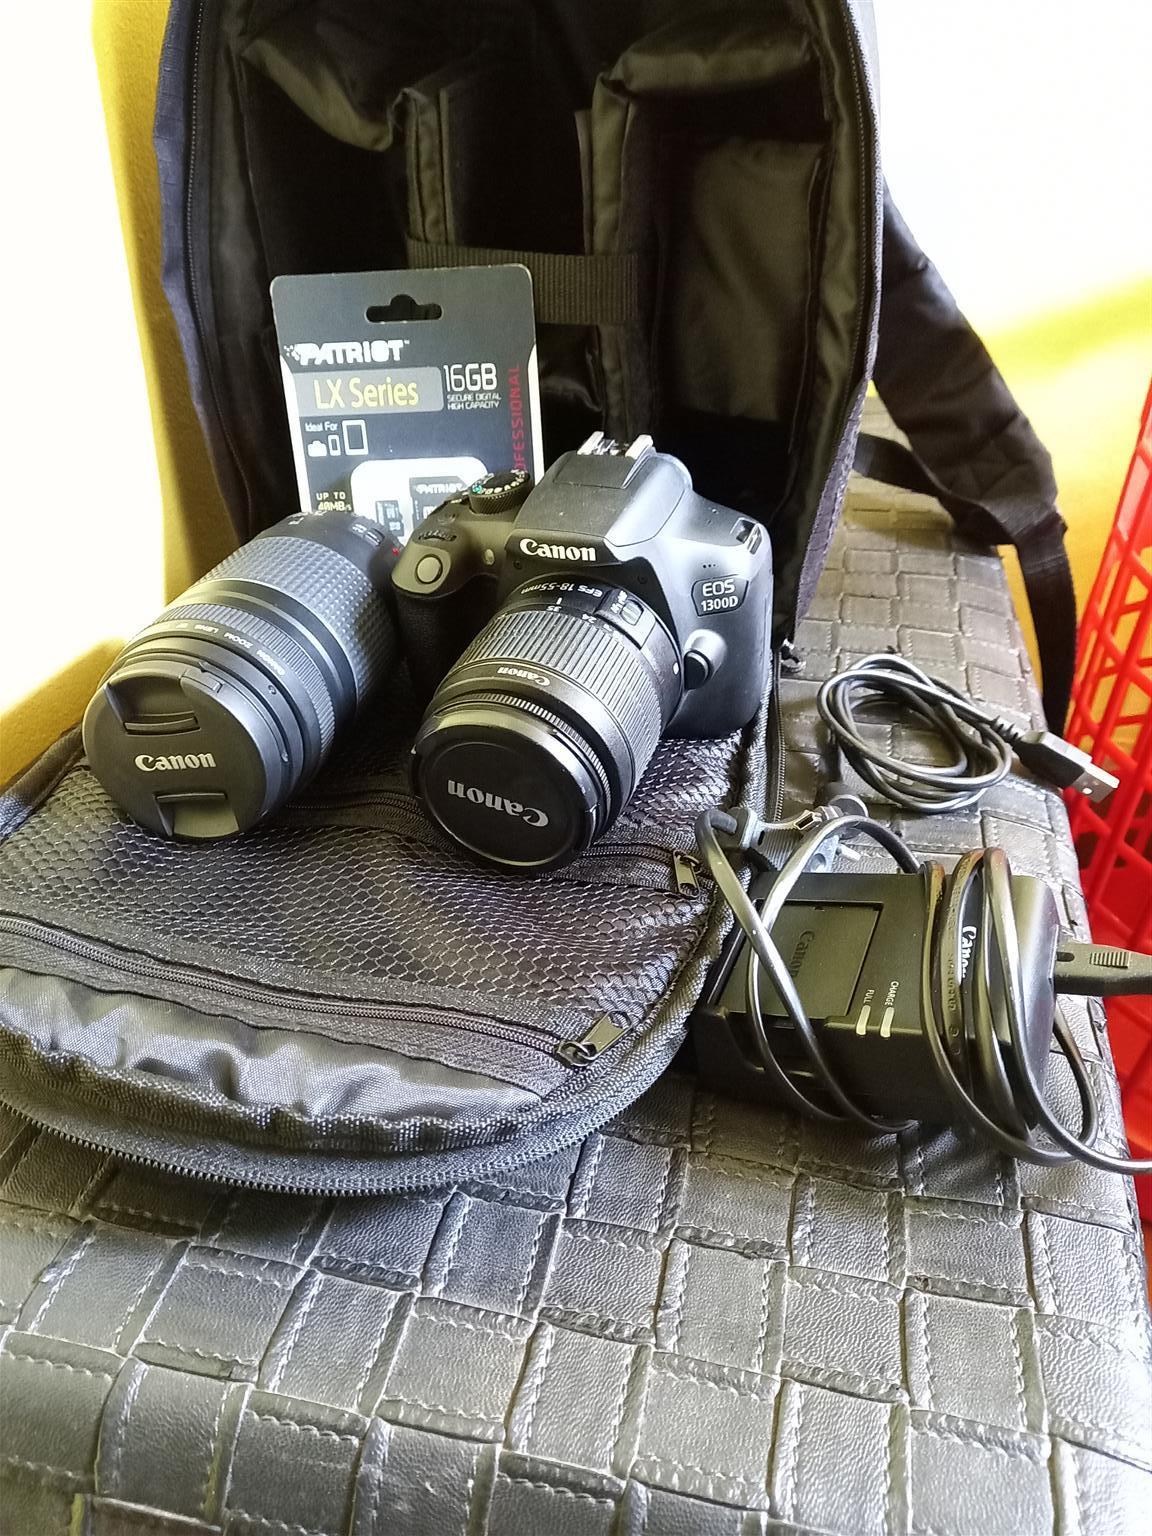 Canon D1300 digital camera